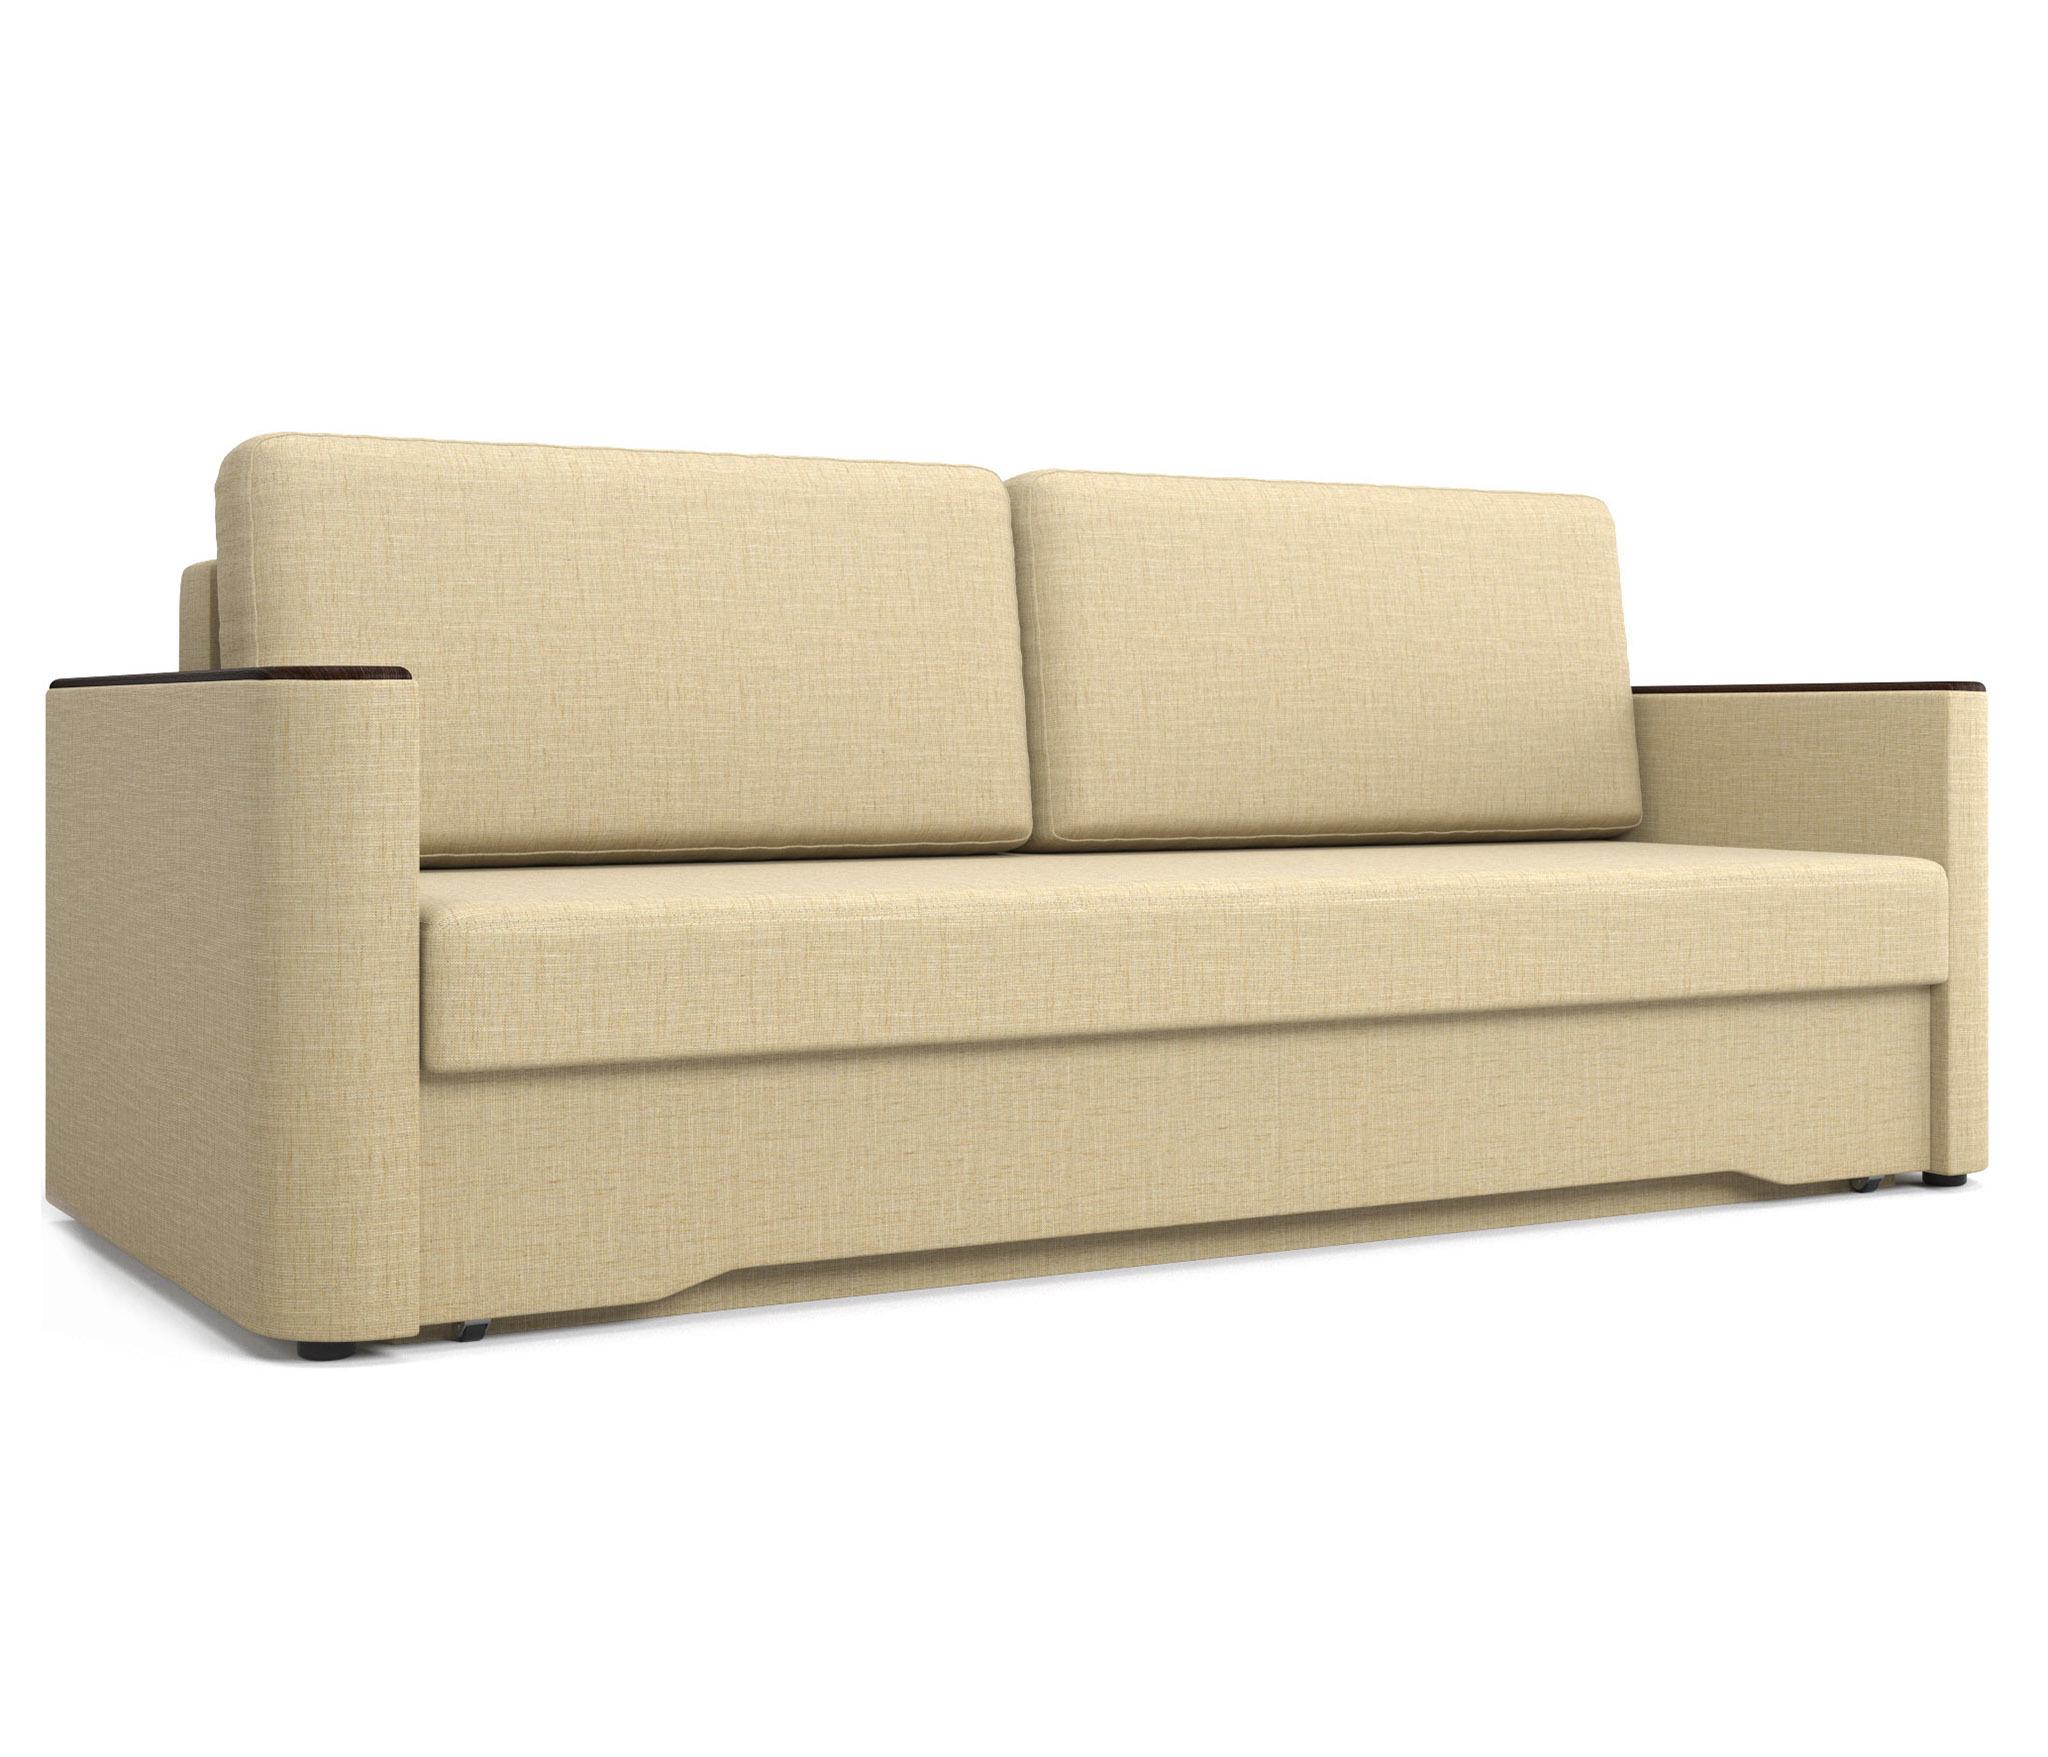 Джонас диван-кроватьМягкая мебель<br>Механизм трансформации: Еврокнижка&#13;Наличие ящика для белья: да&#13;Материал каркаса: Массив, Фанера&#13;Наполнитель: ППУ&#13;Размер спального места: 1460х2000 мм&#13;]]&gt;<br><br>Длина мм: 2300<br>Высота мм: 930<br>Глубина мм: 1040